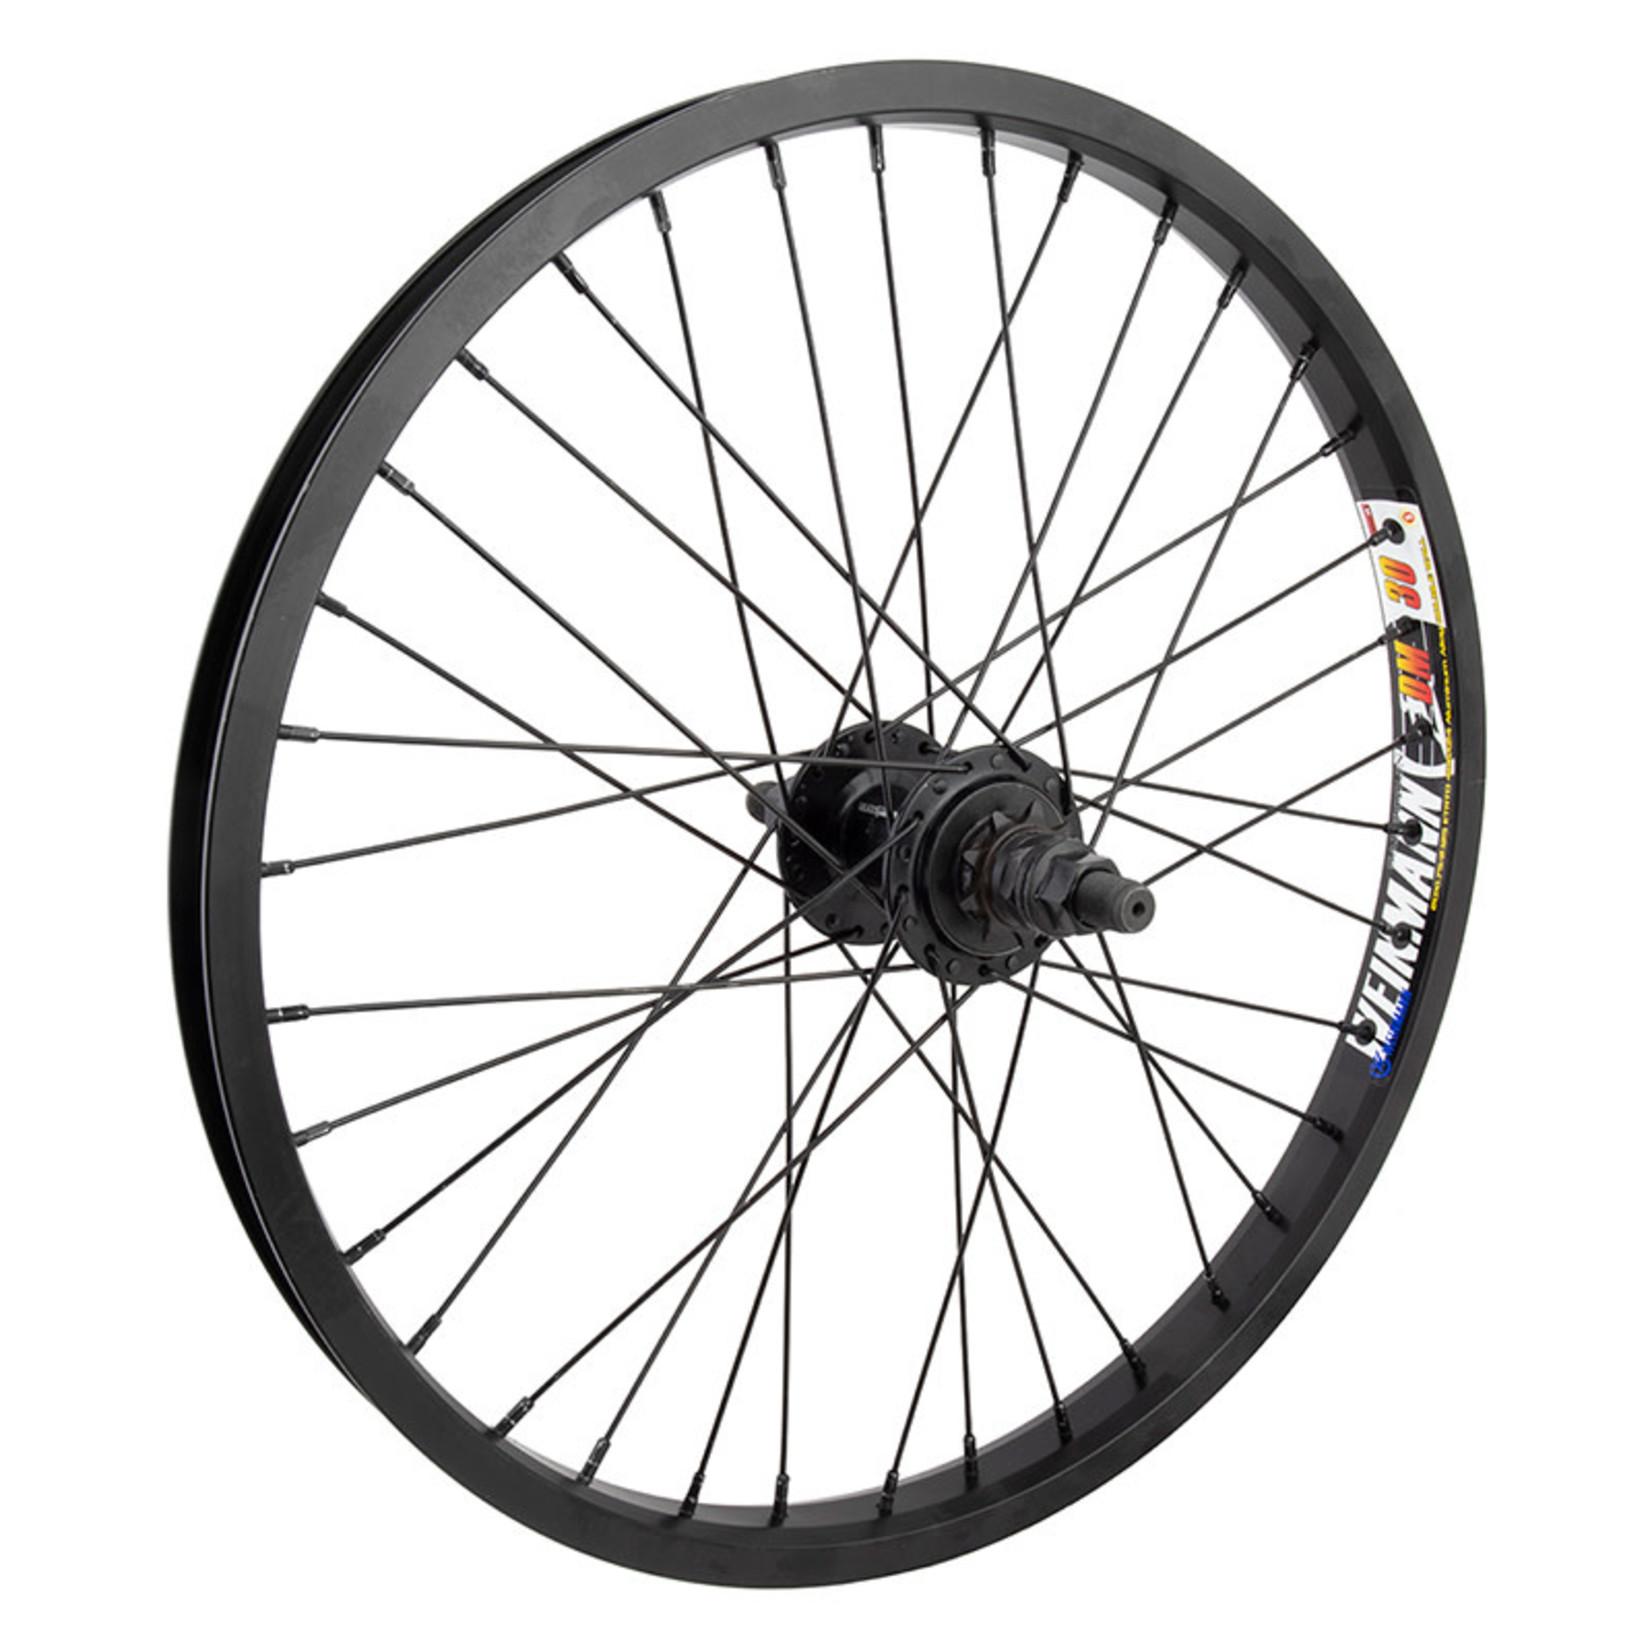 20'' Rear Wheel 9T Driver 14mm Double Wall